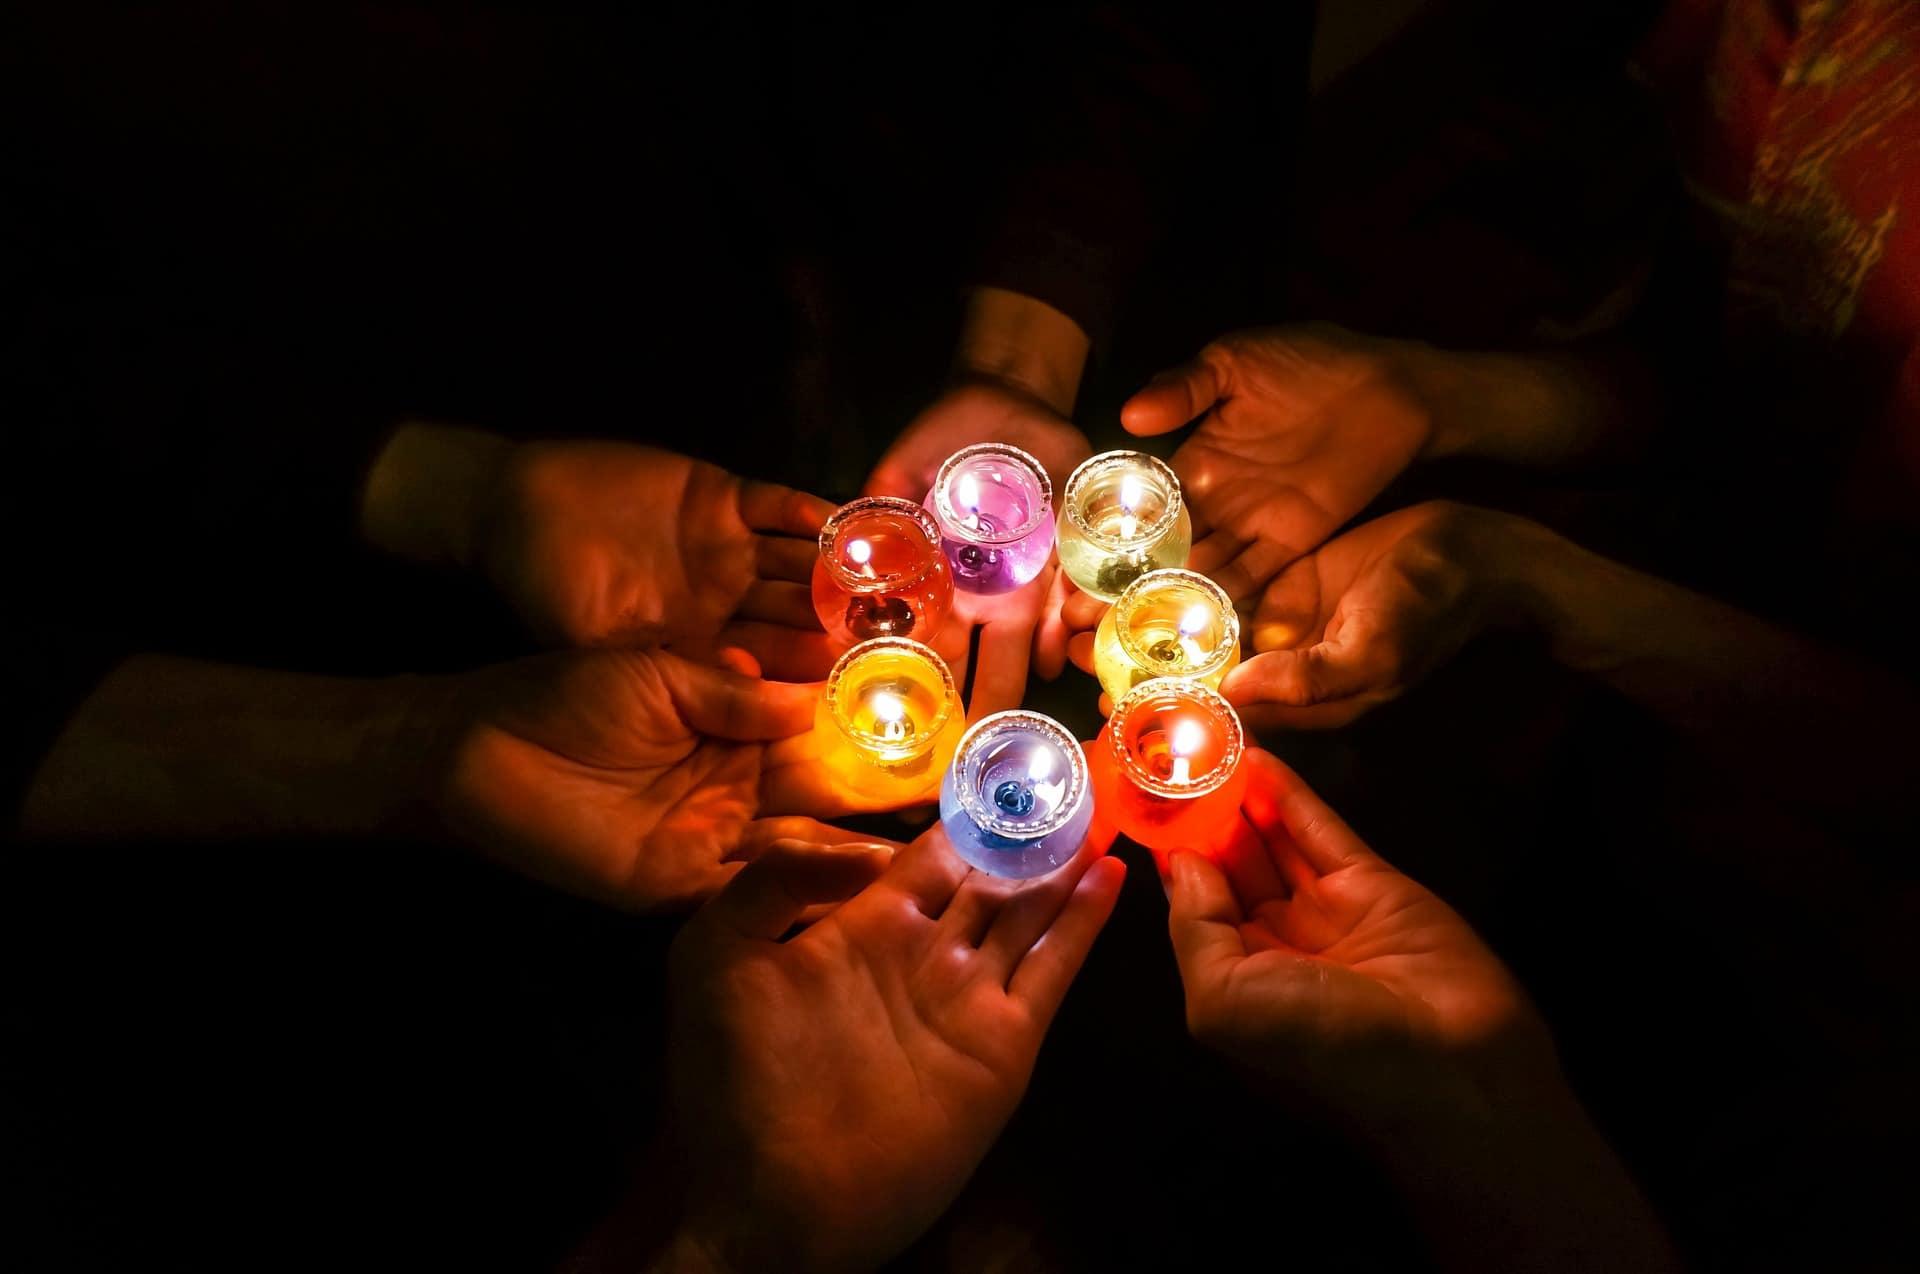 Imagem de pessoas segurando velas aromáticas coloridas acesas no escuro.